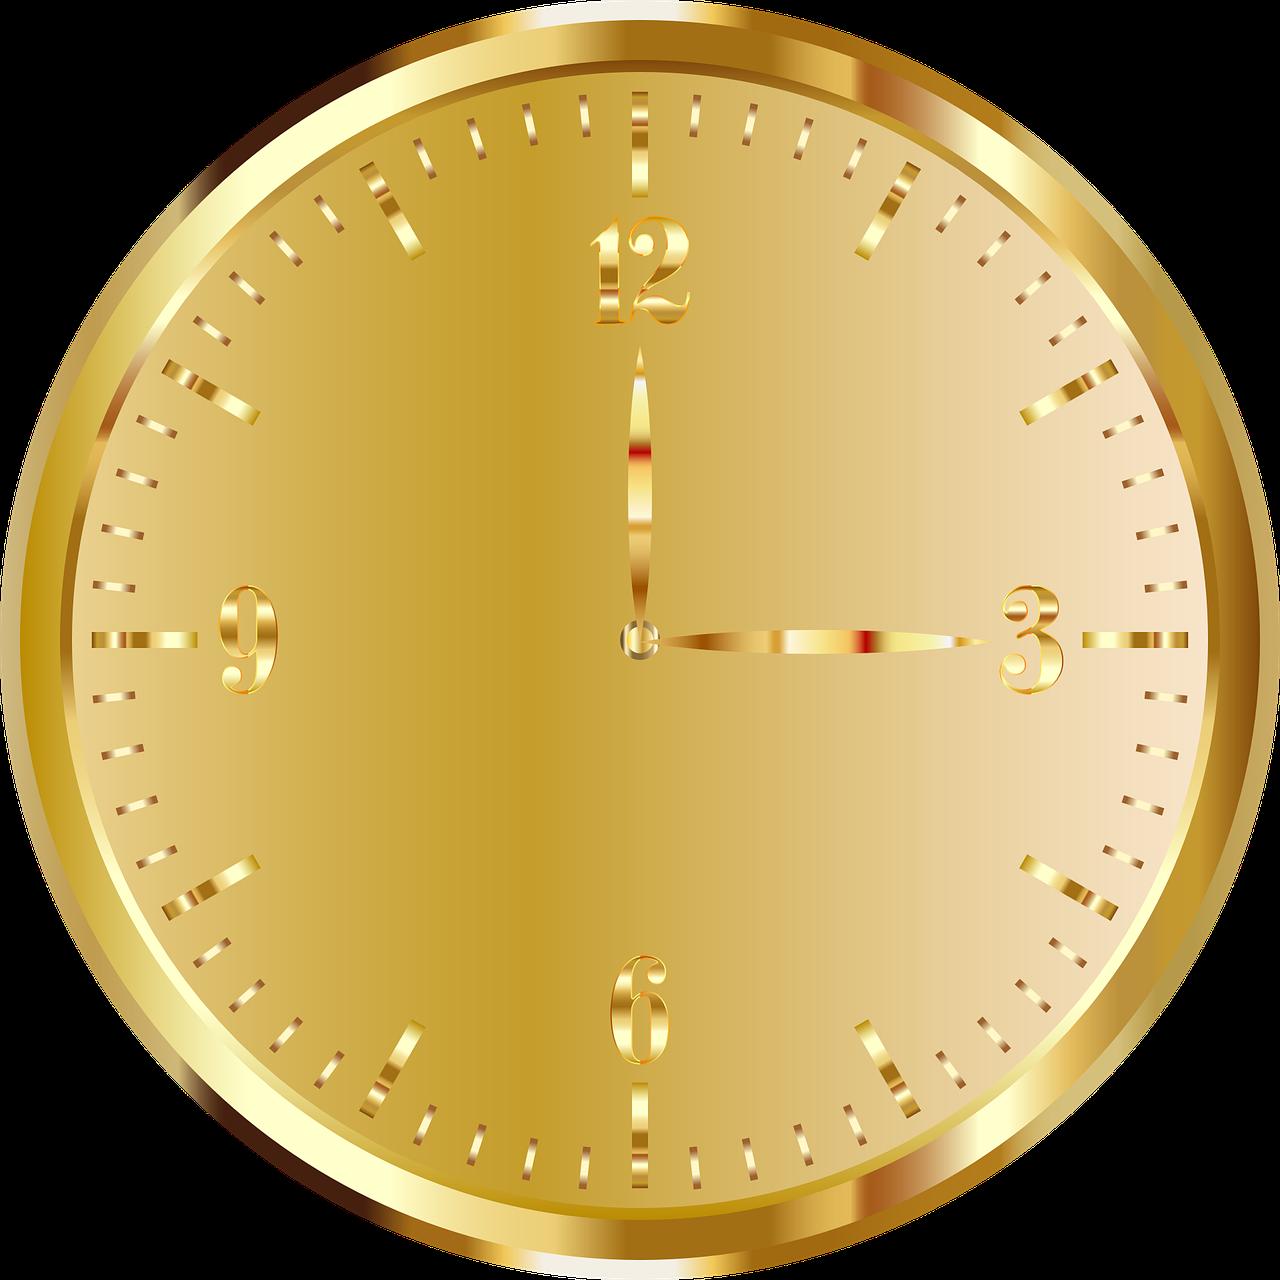 картинки круглые с циферблатом золотого цвета